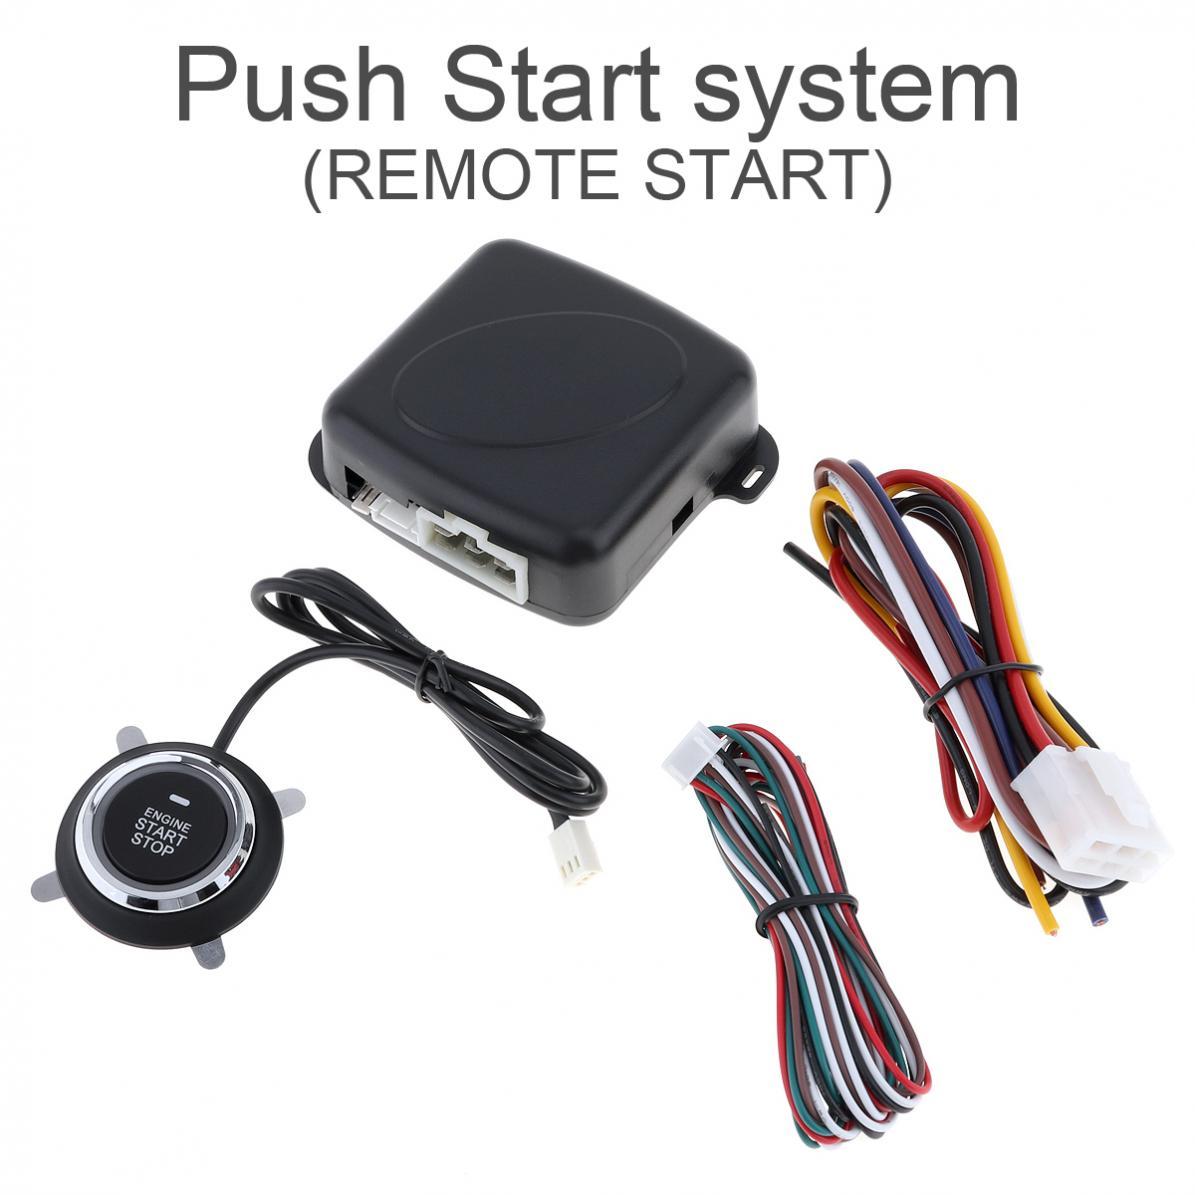 12 V universel Auto voiture Push Start système Support télécommande 10 minutes compte à rebours arrêt voiture et un arrêt de démarrage clé